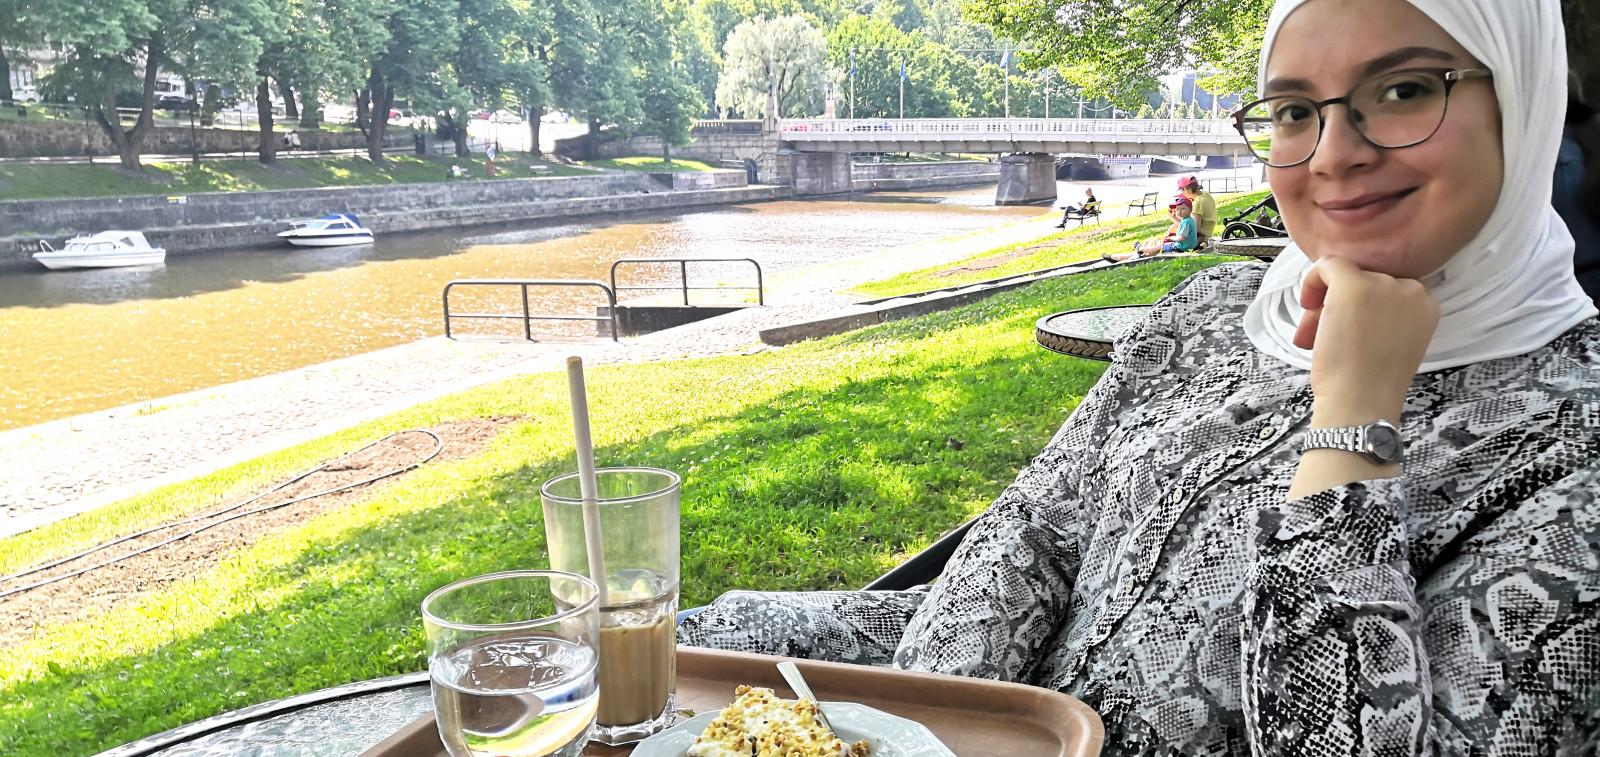 Nuori nainen hymyilee kahvilan ulkopöydässä Aurajoen varrella.